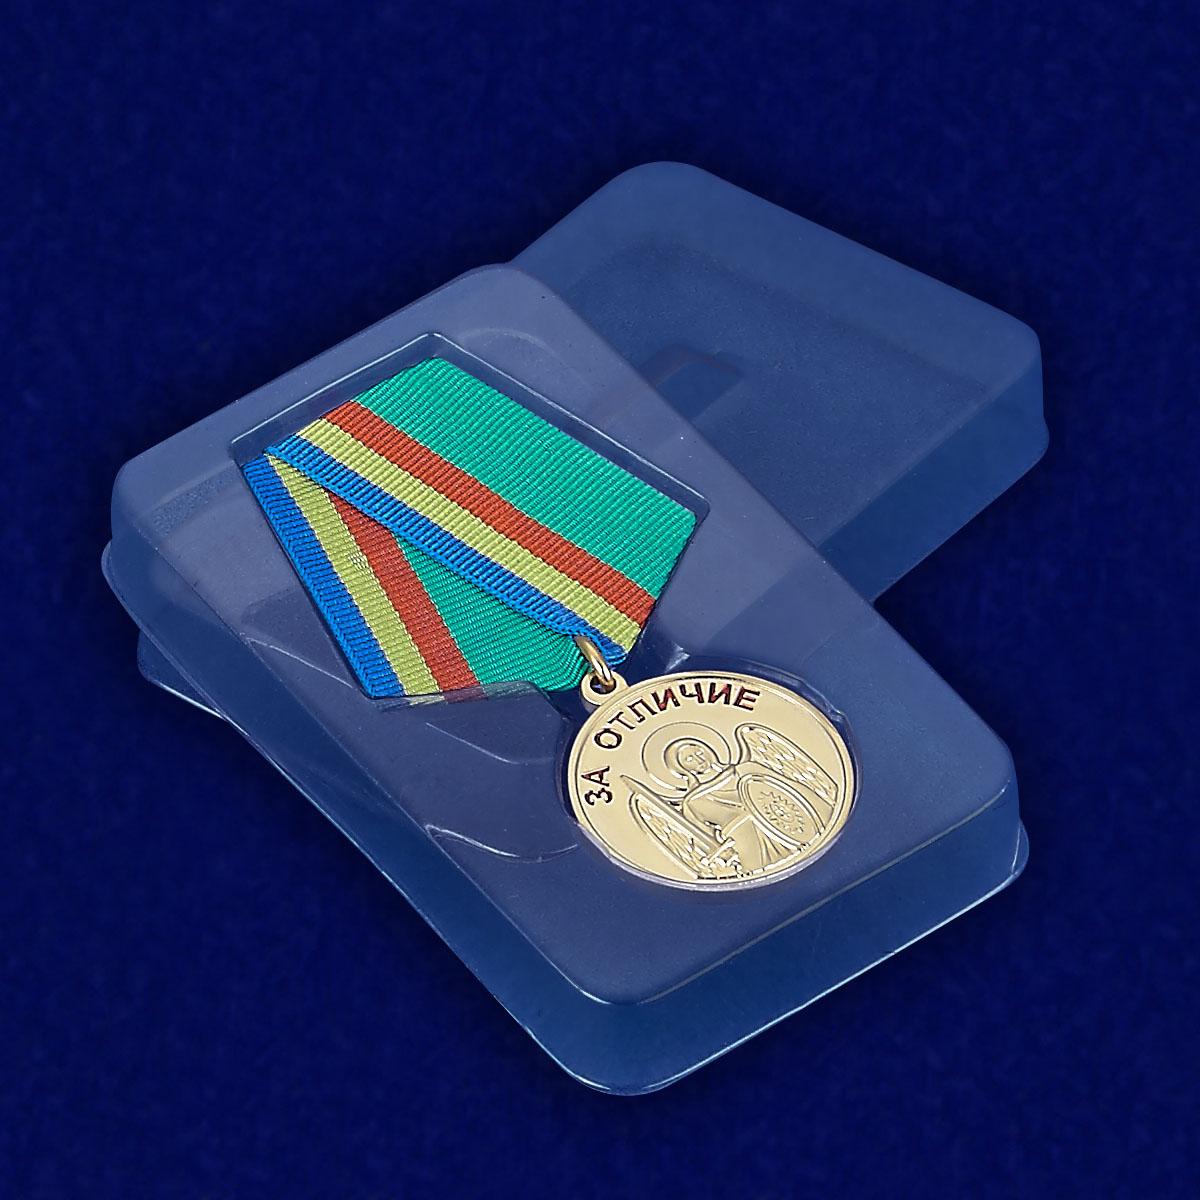 """Медаль """"За отличие"""" Архангела Михаила - вид в футляре"""